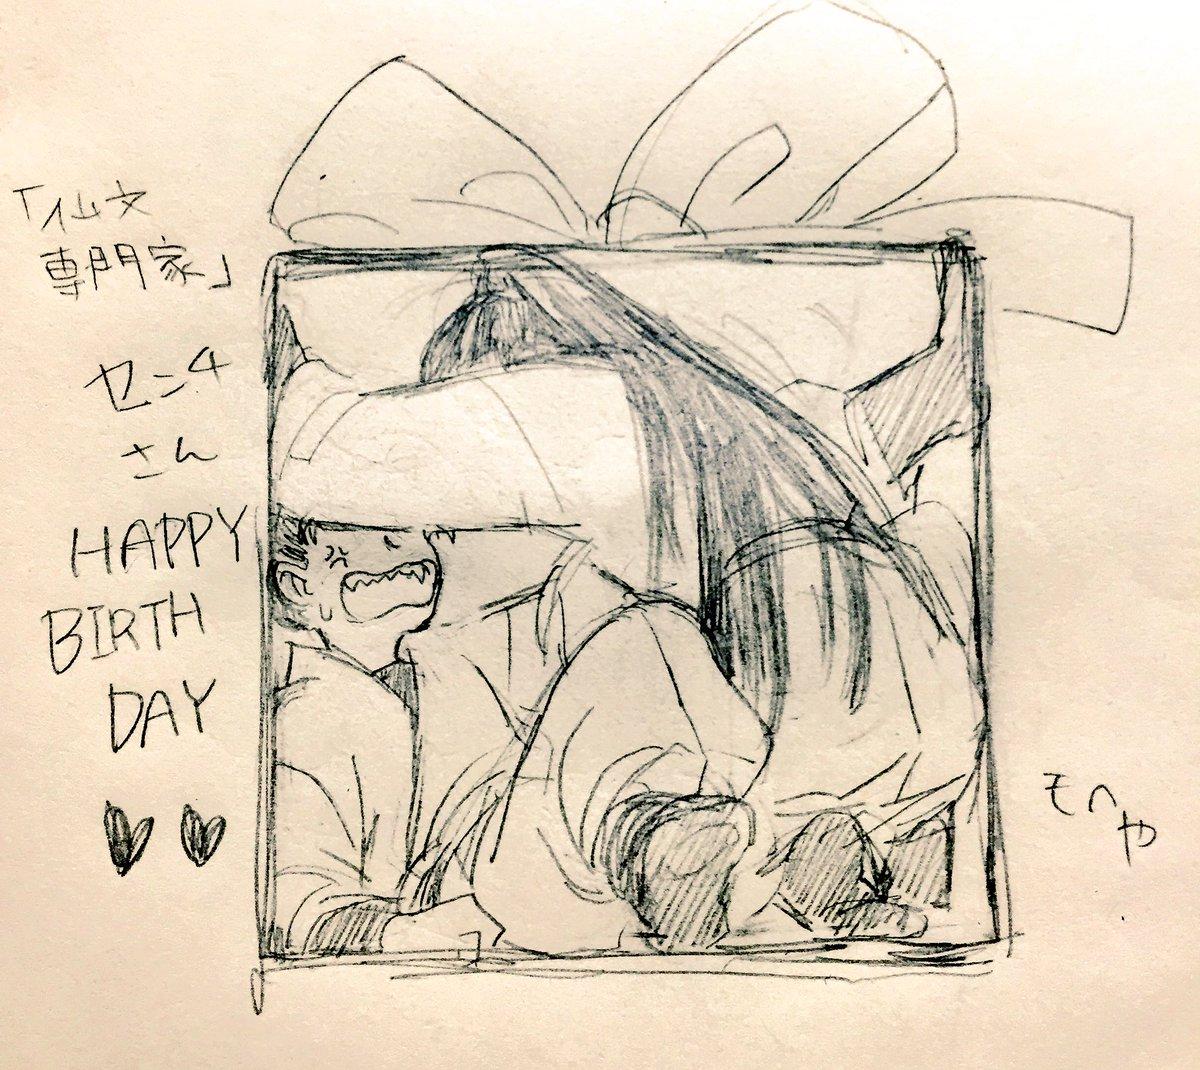 @momonngax センチさ〜〜ん!滑り込みでお誕生日おめでとうございます〜〜☺️💕🌸🌸🌸精一杯のおめでたい仙文を描こうと思っていたのですが時間がなくてなんかすみません…🤔💦 良い一年になりますように〜〜🙏🏻